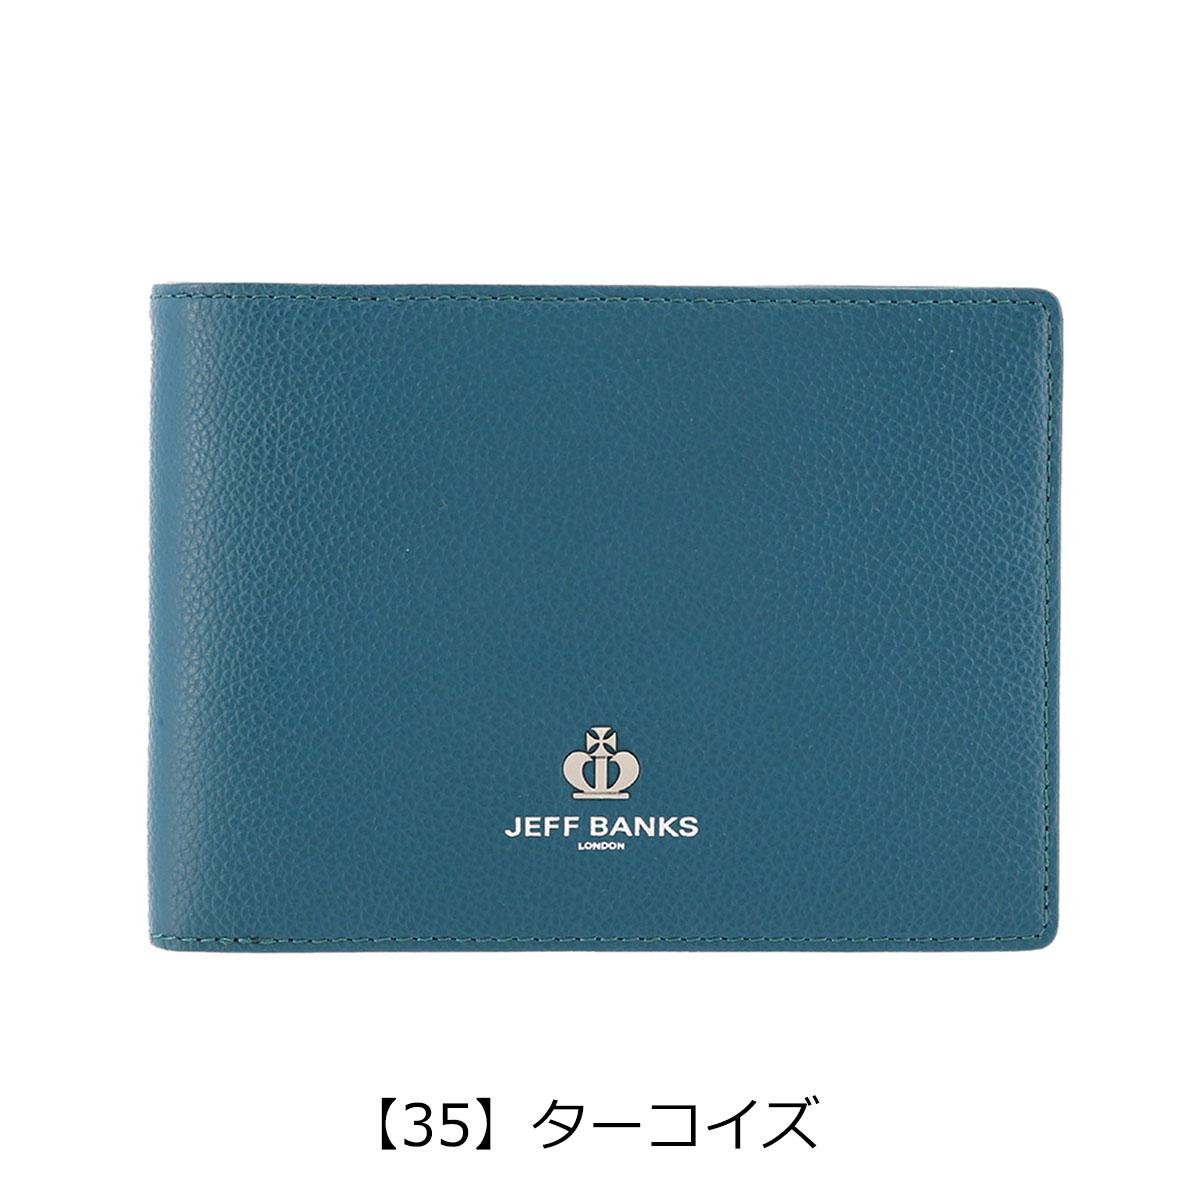 【35】ターコイズ